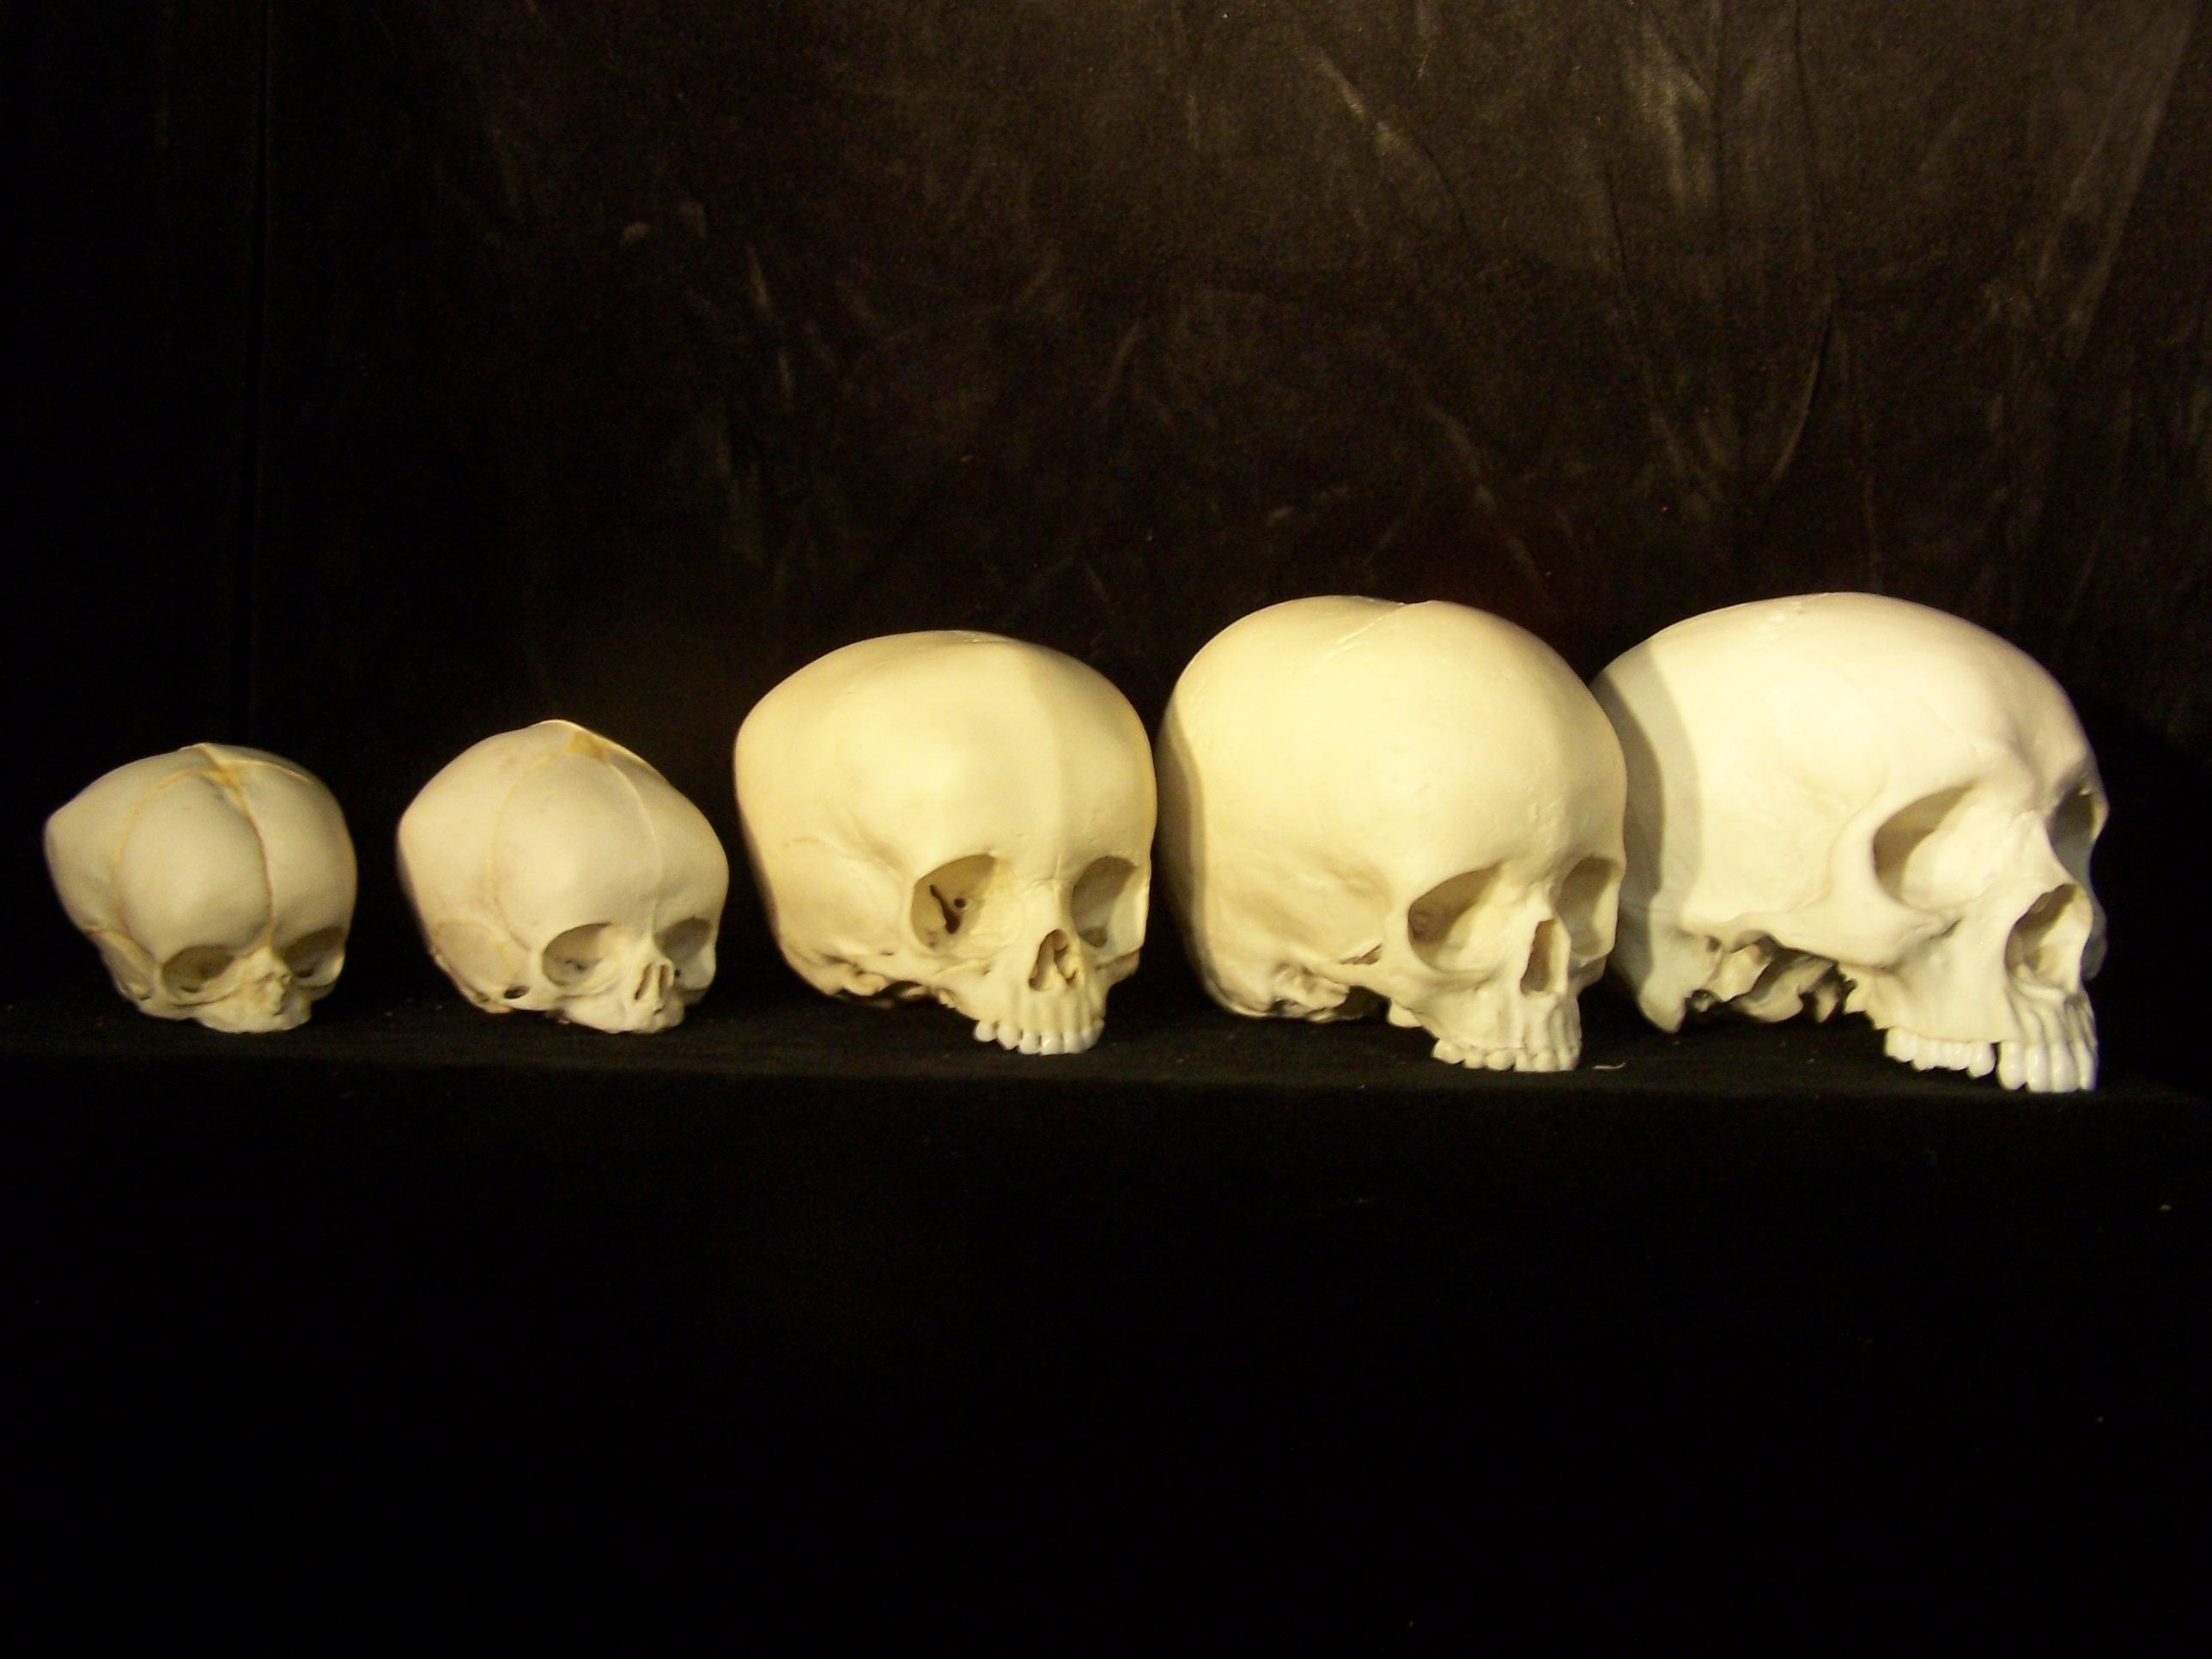 Fetal Skull Development Development of Man Skull Set